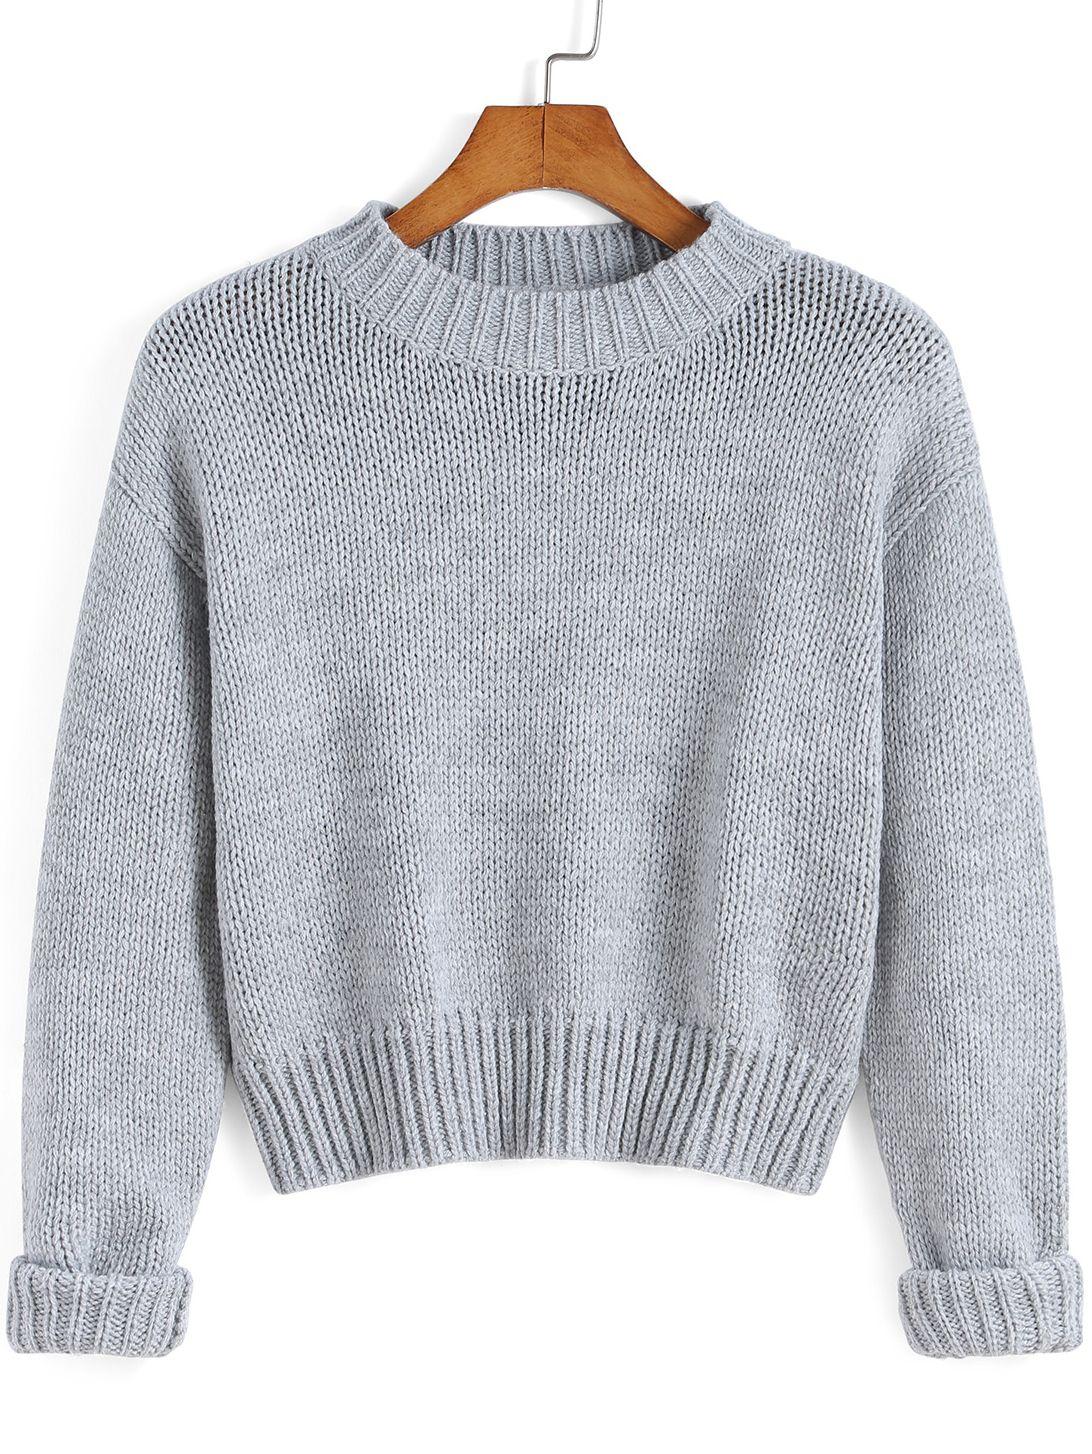 99fd6ff26c0d Jersey cuello redondo crop tejido -gris 20.65 | chompas | Diseña tu ...